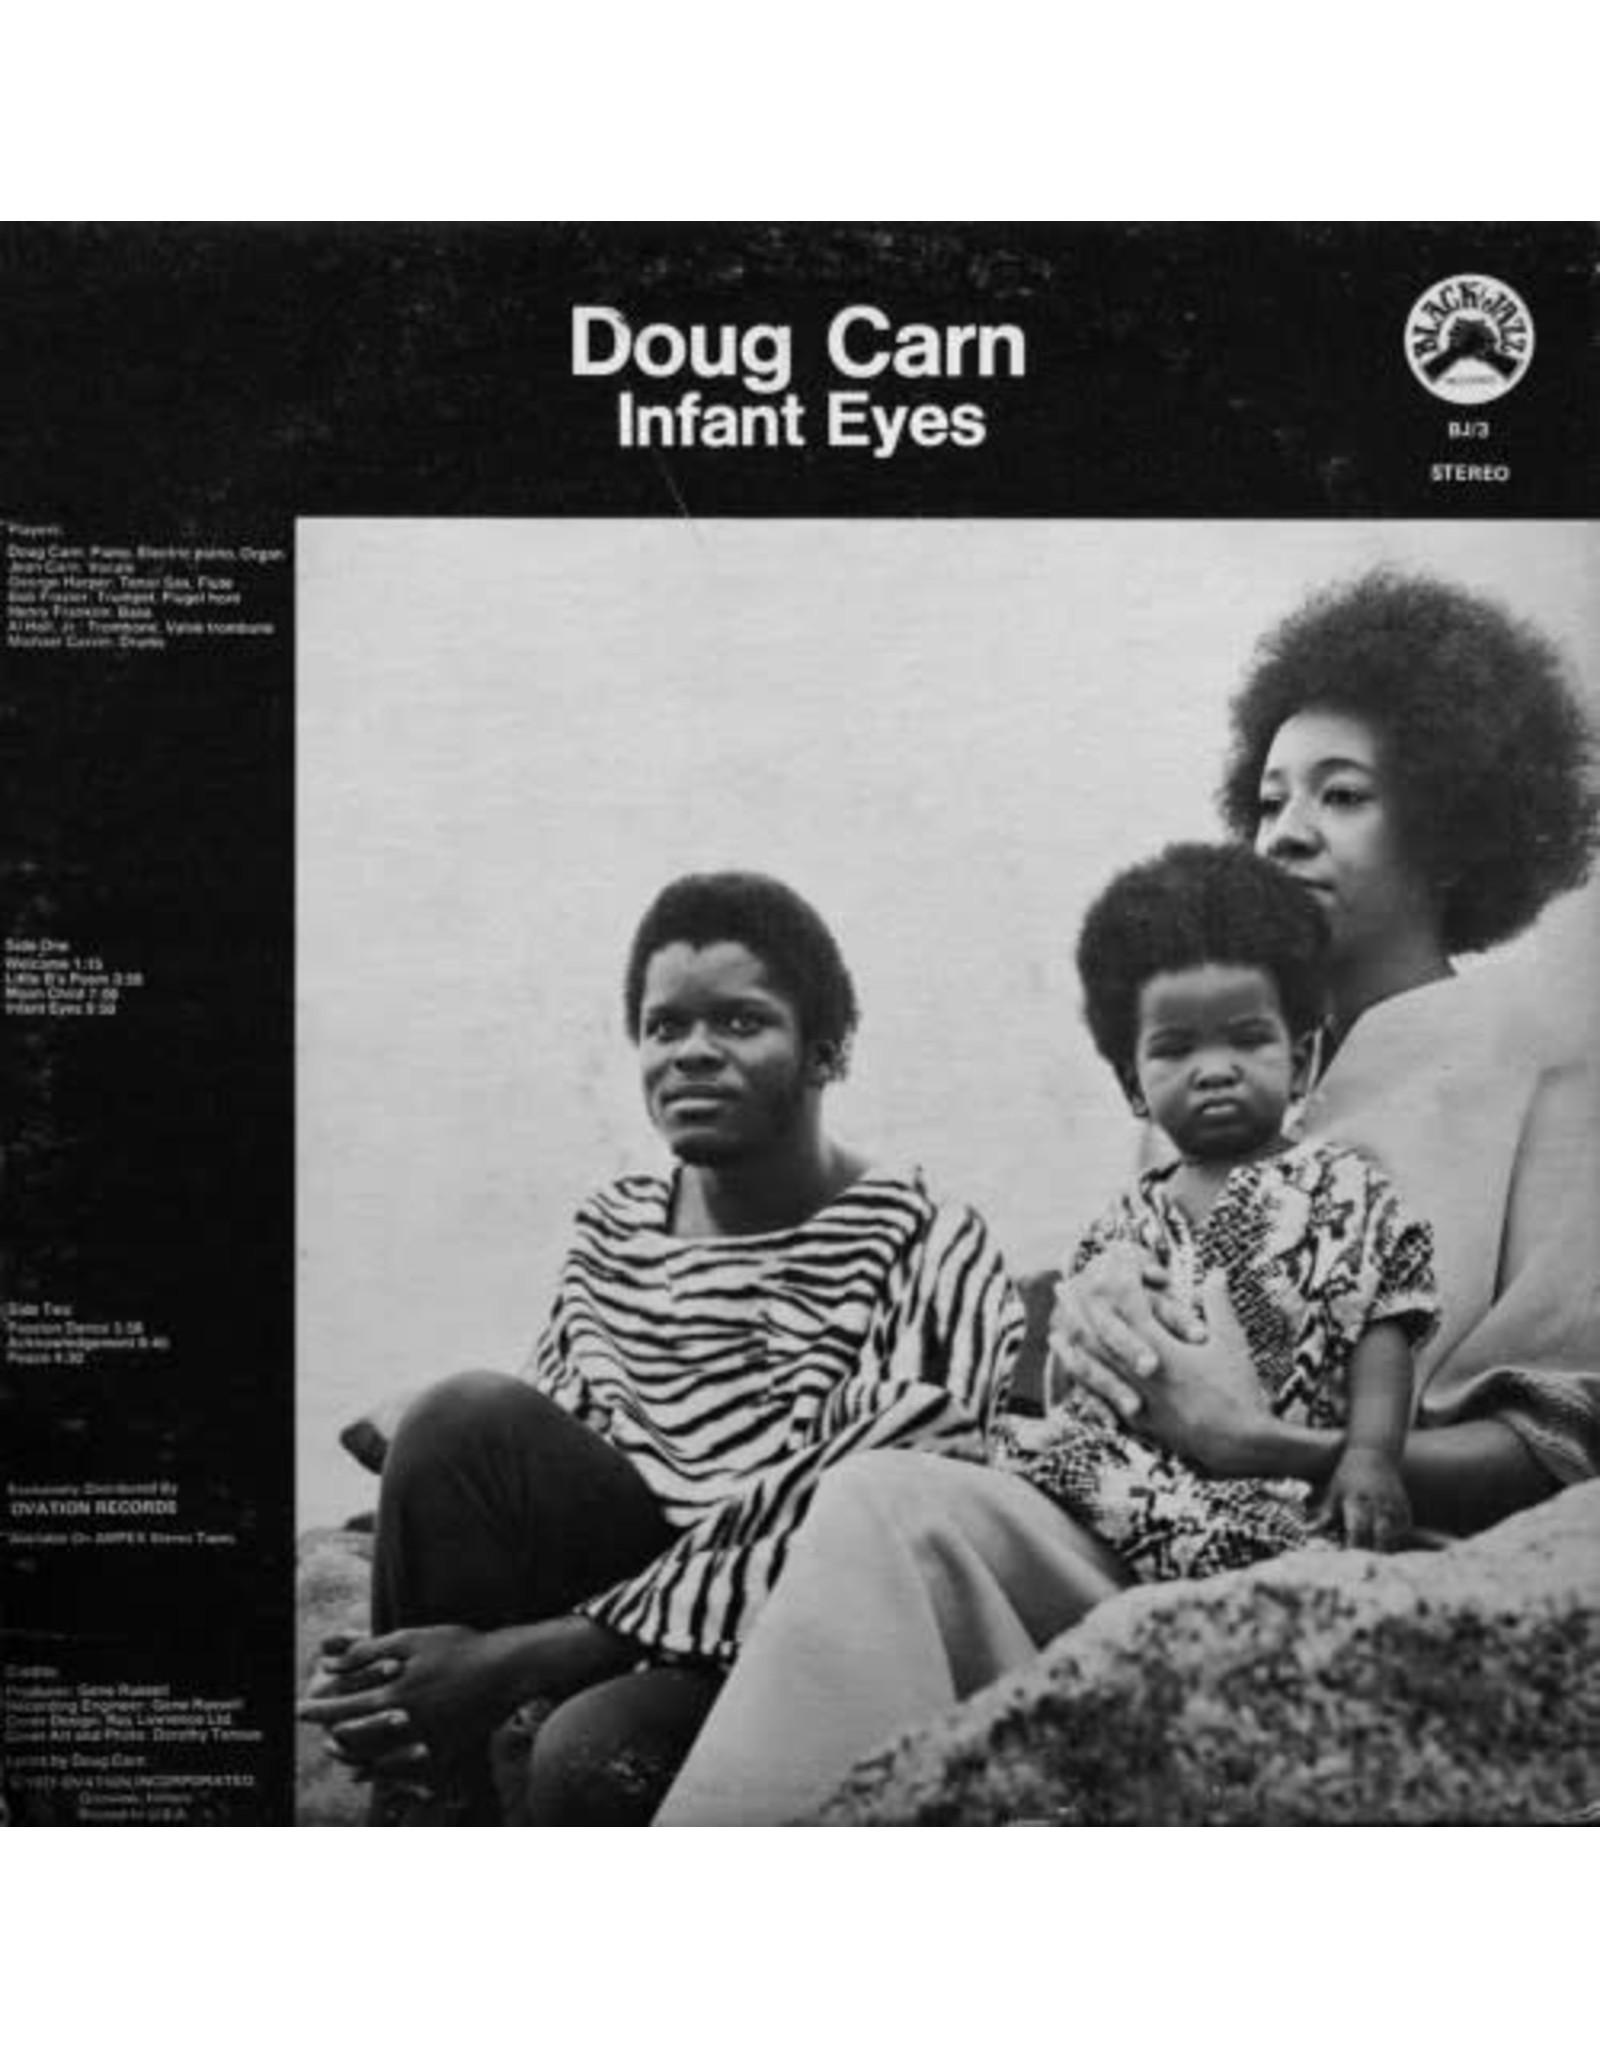 New Vinyl Doug Carn - Infant Eyes LP